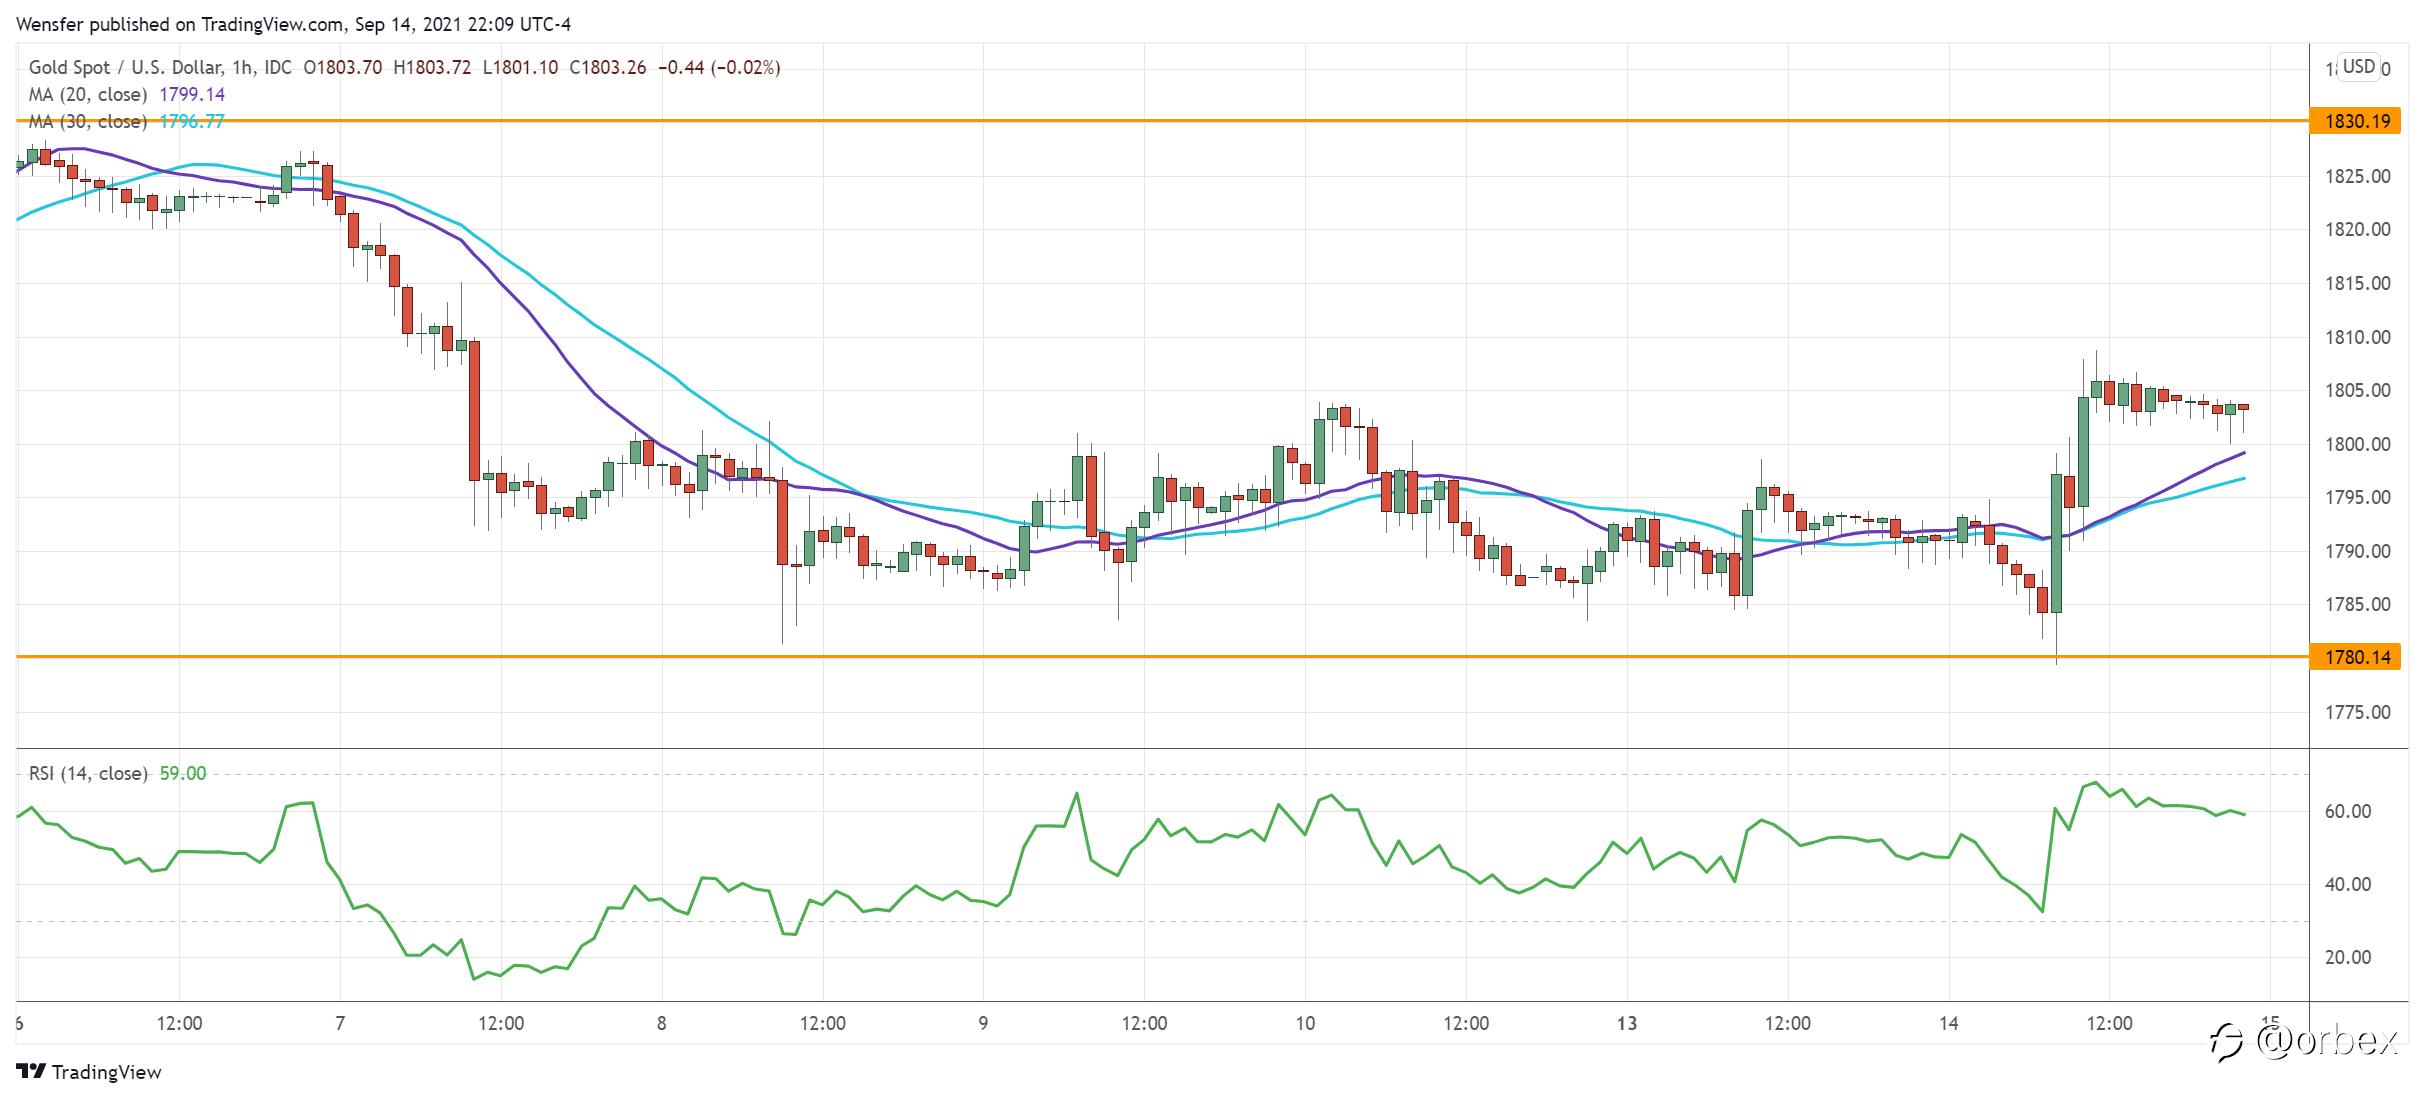 【Orbex技术分析】日内市场分析 – 美元试图反弹